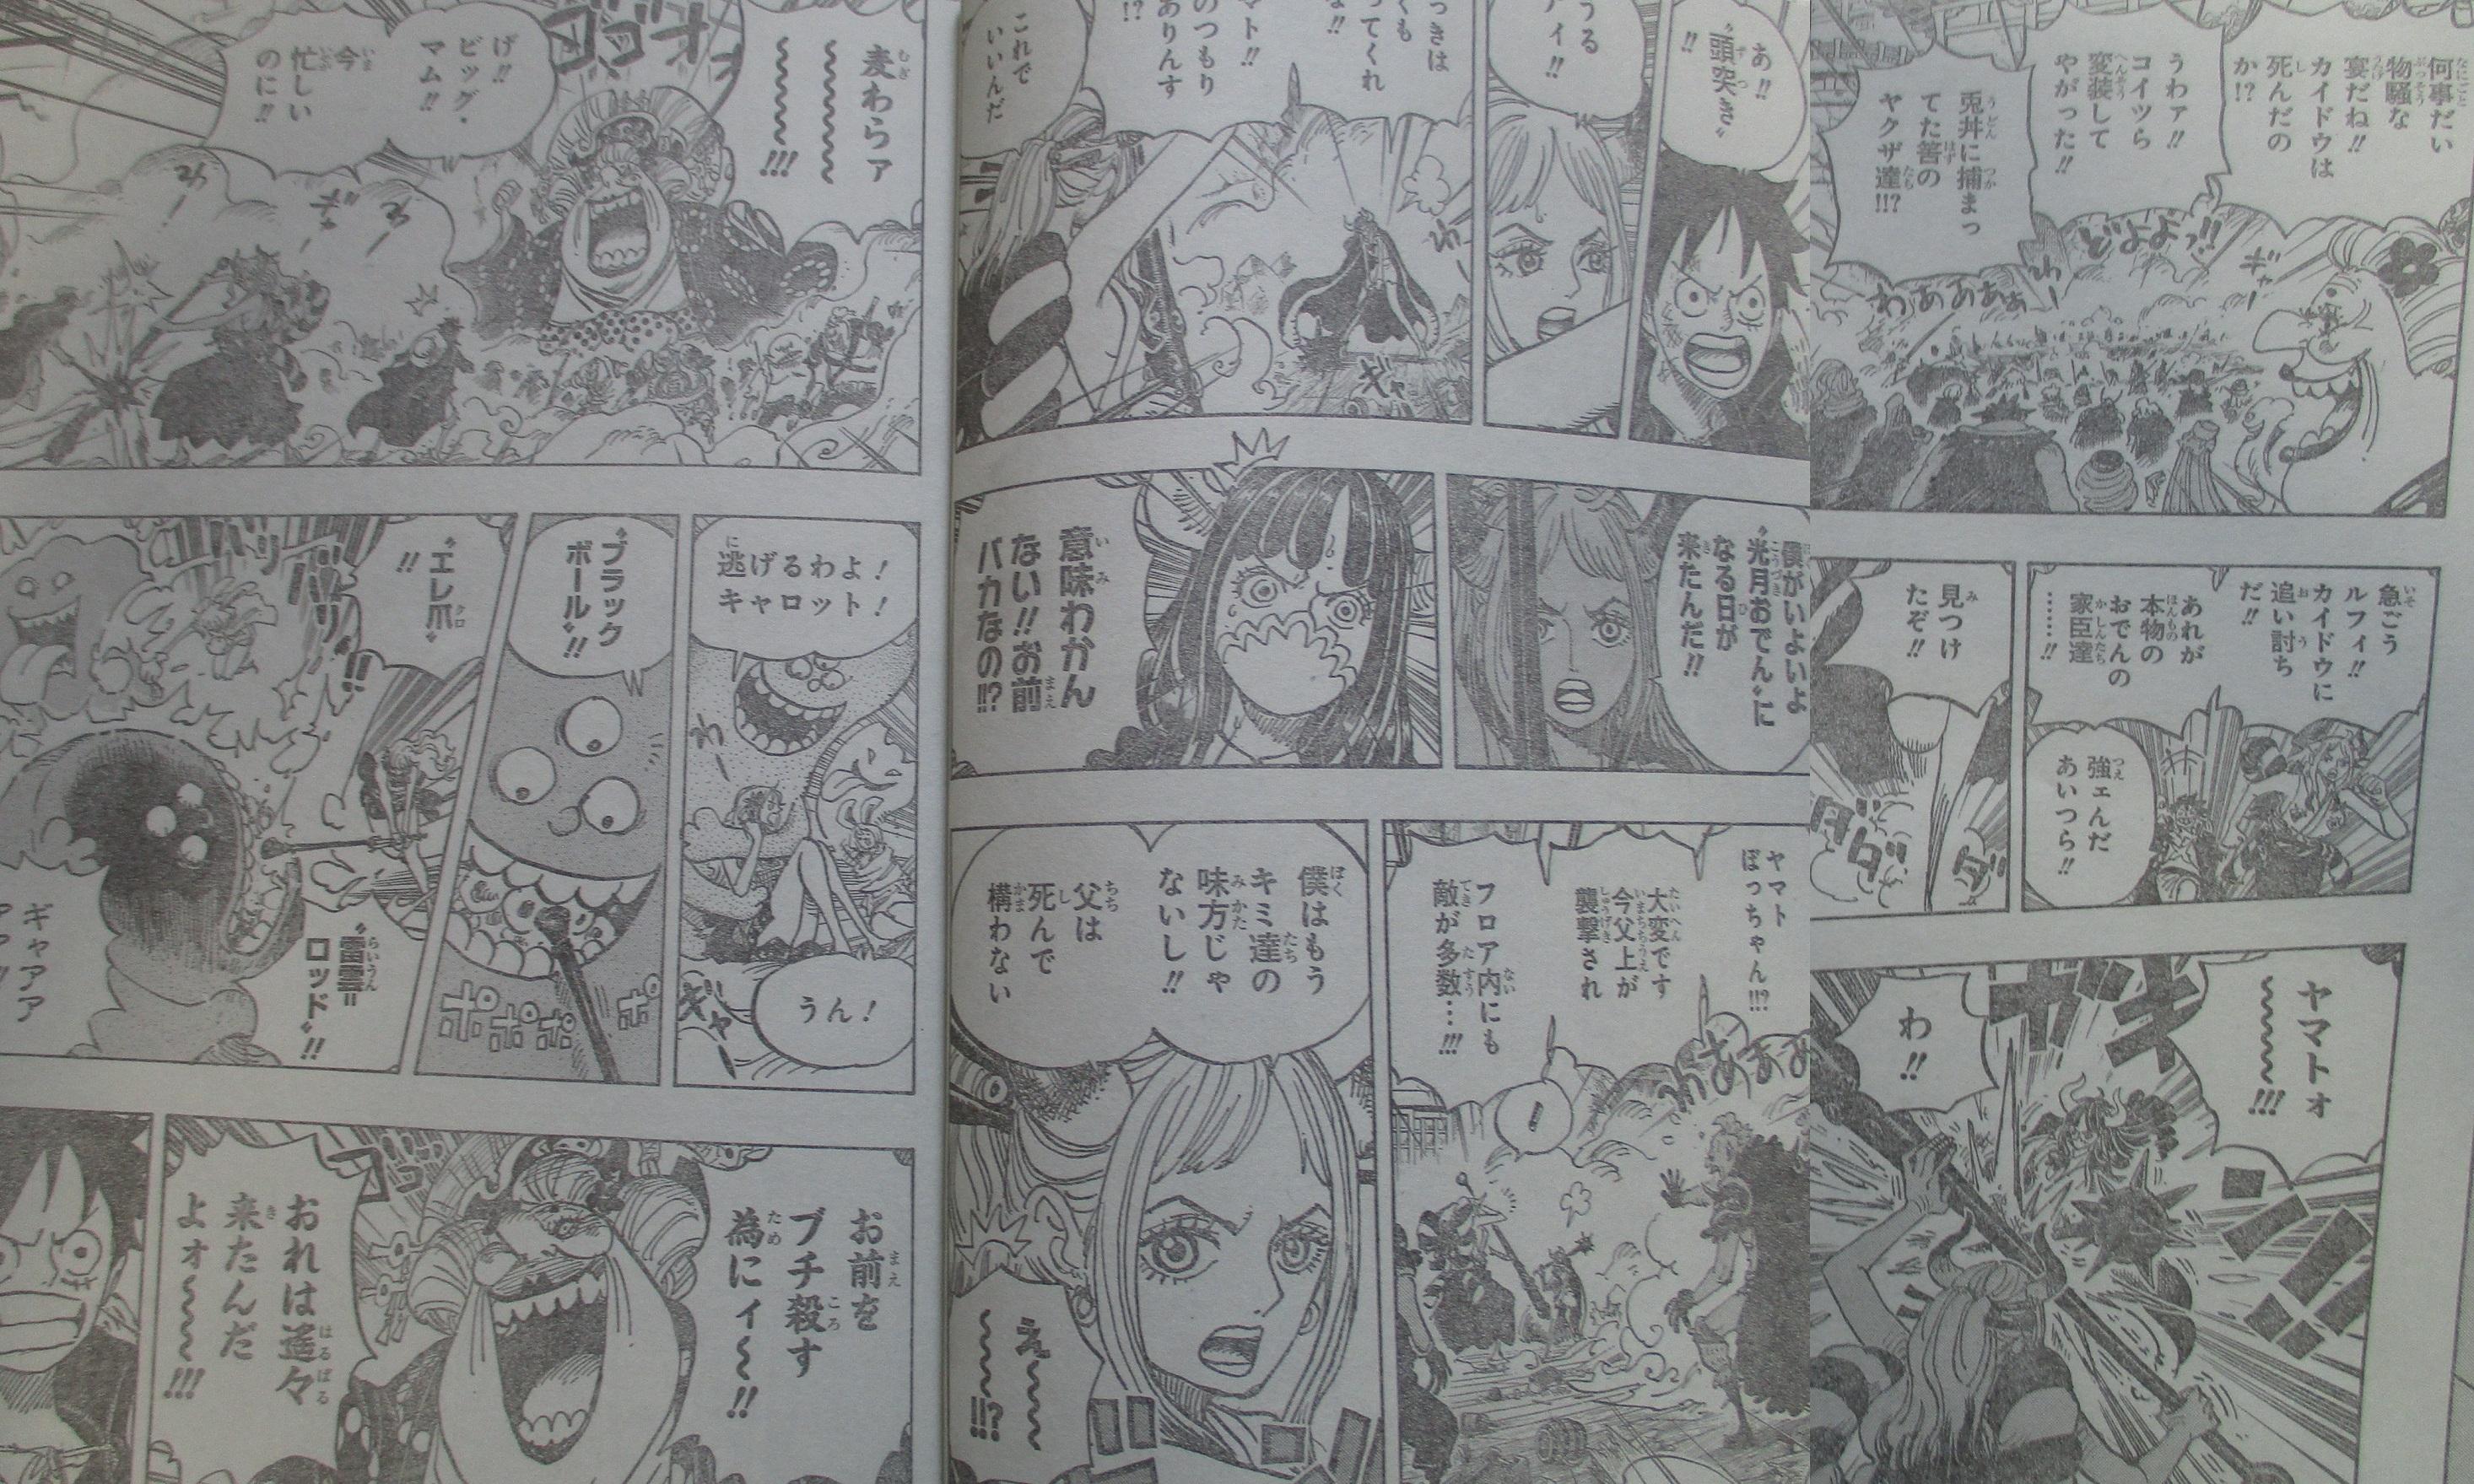 One Piece Spoilers 987 XUMWbZZp_o